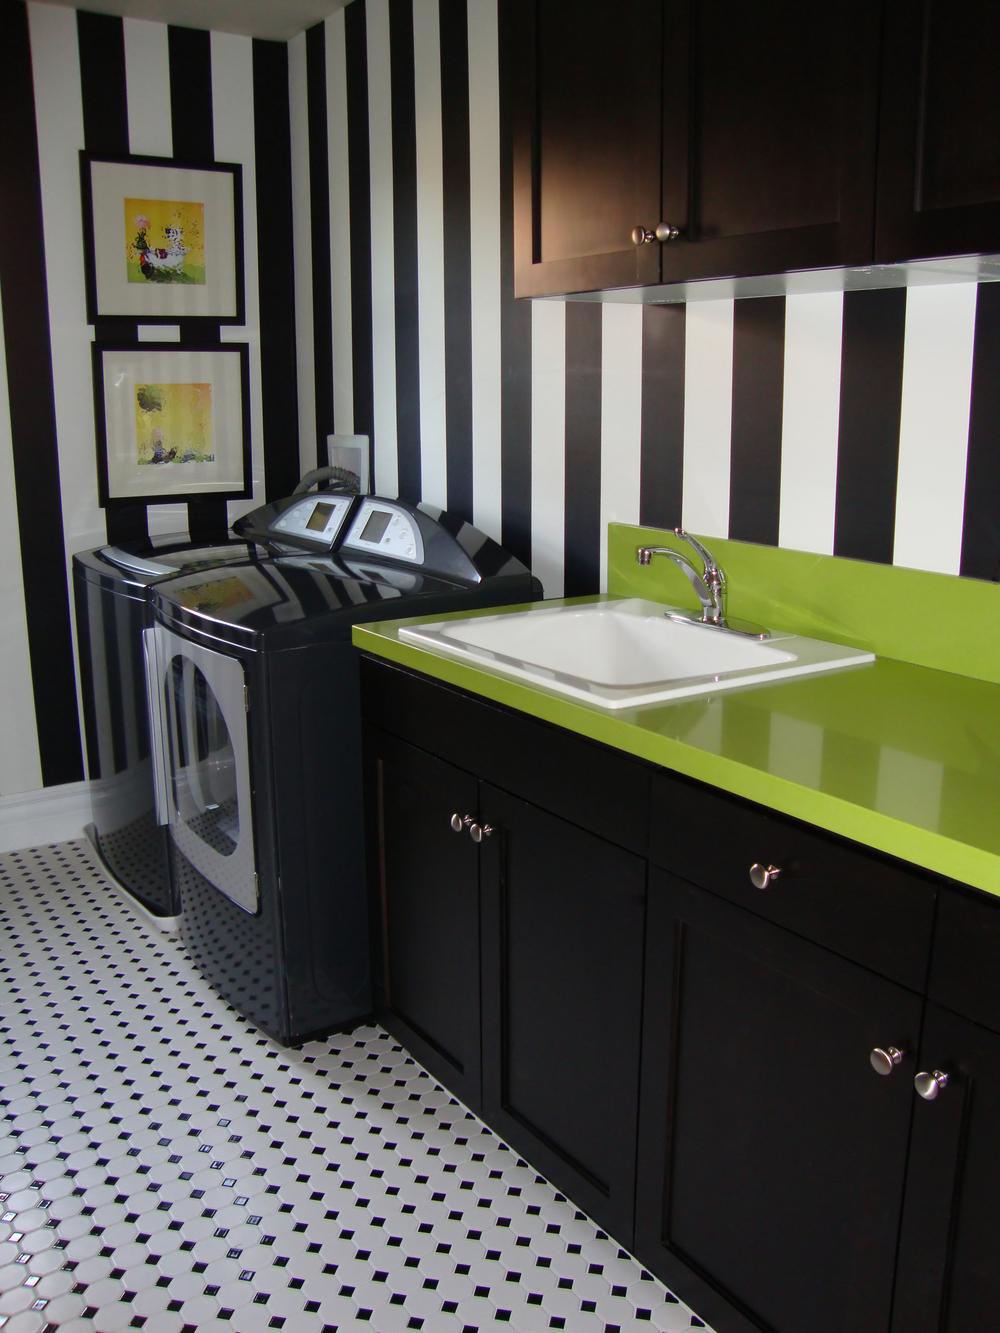 1oak_laundry room01.jpg